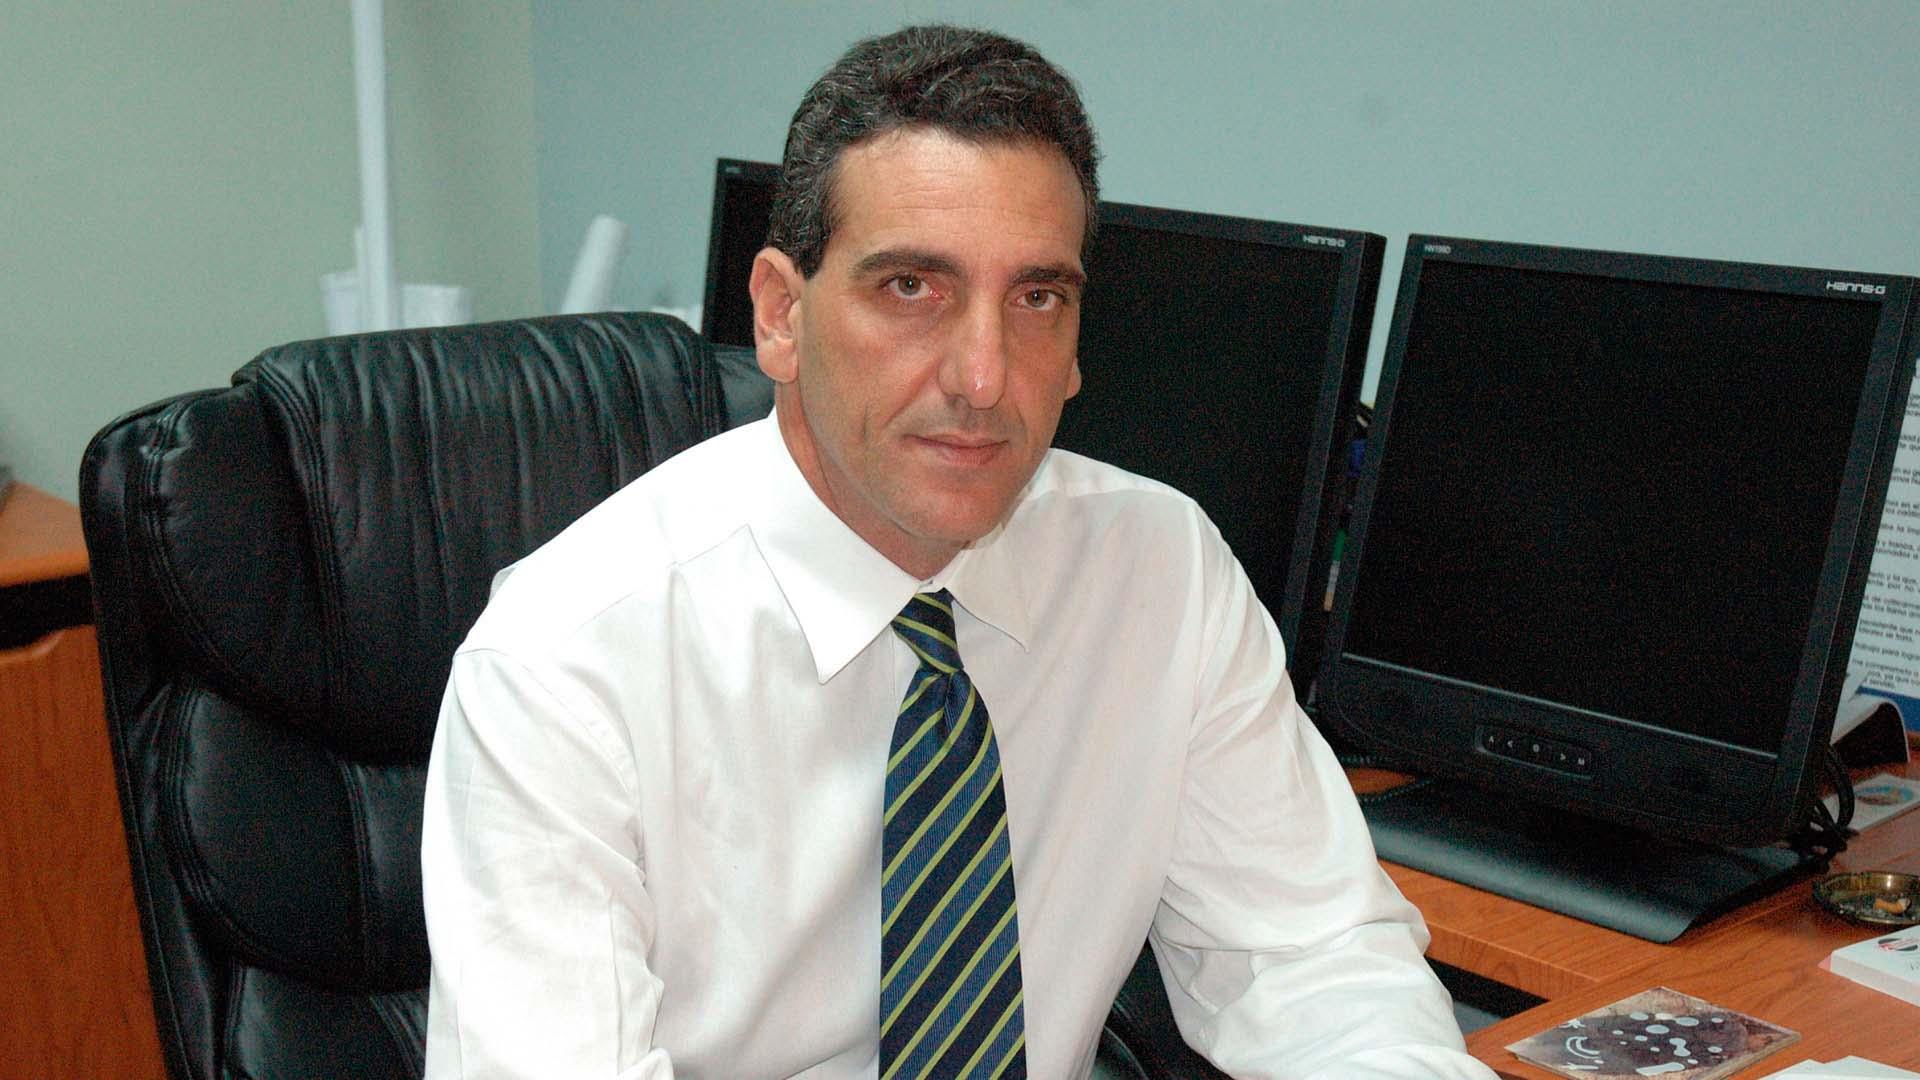 Doblellave-TSJ anunció cese de inhabilitación política de Enzo Scarano